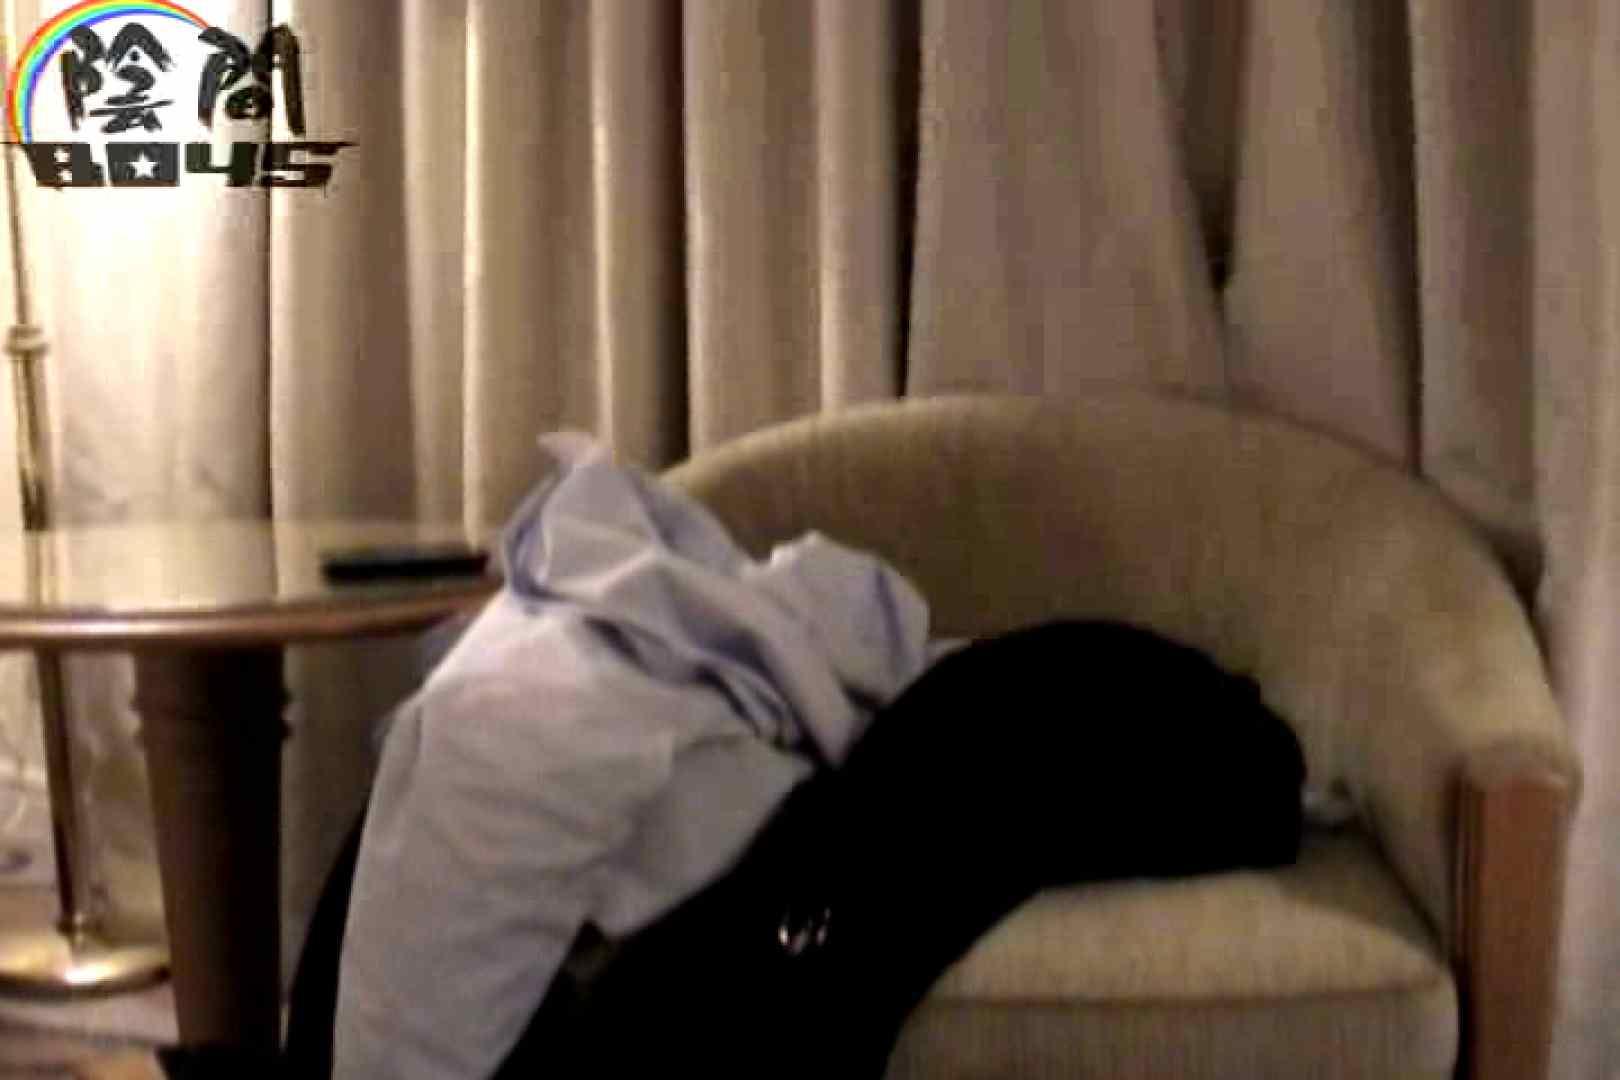 陰間BOYS~IKEMEN Interview~01  アナル  74pic 72